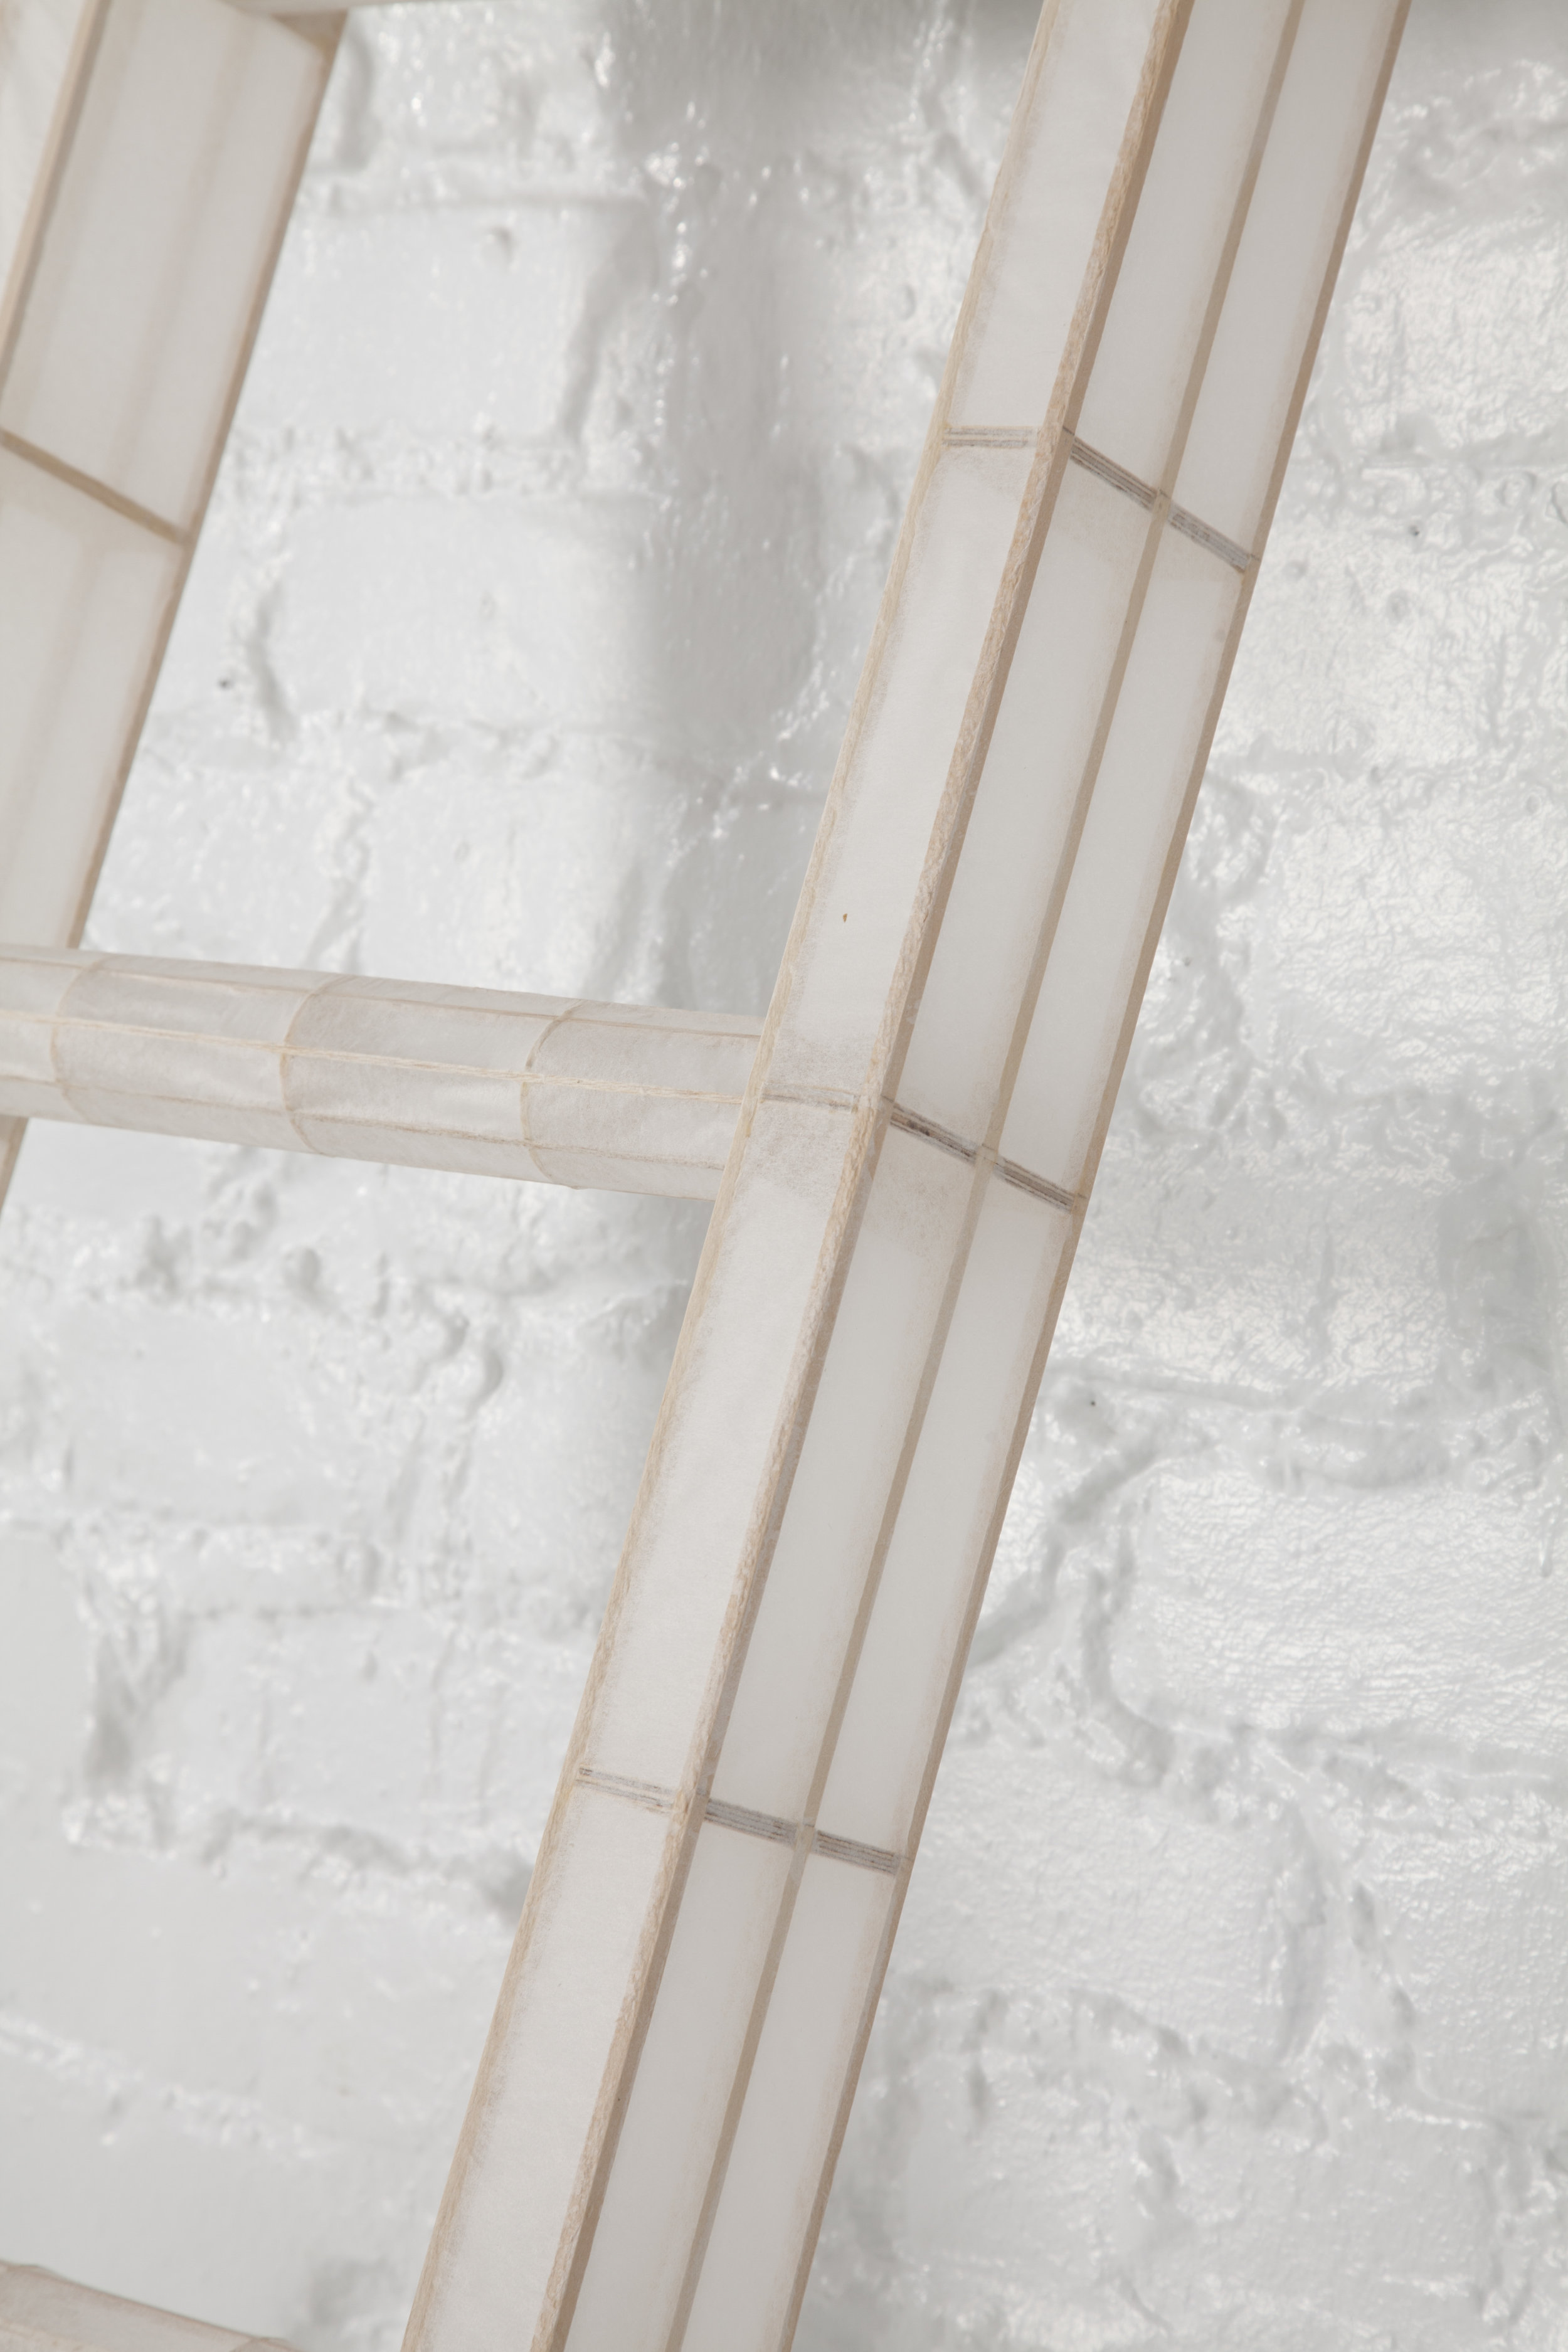 Ladder_final4.jpg